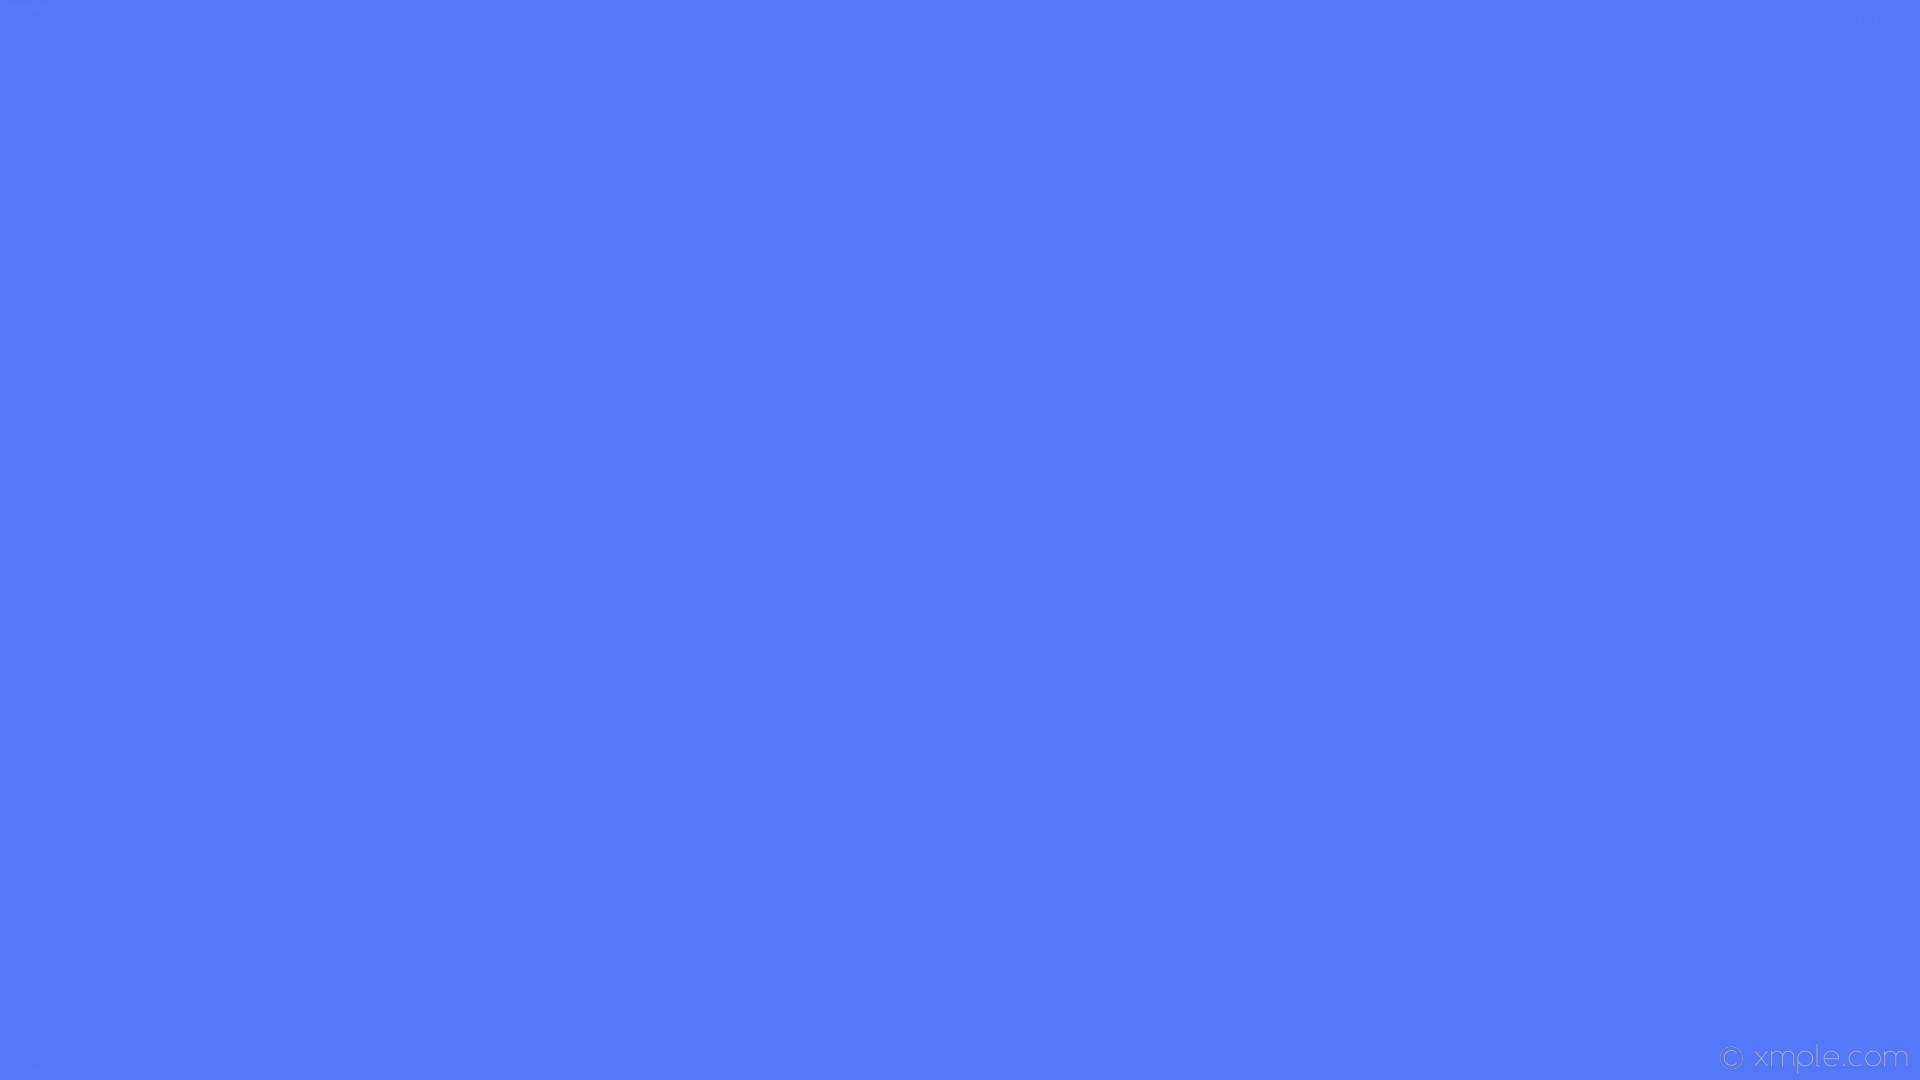 wallpaper one colour plain blue single solid color #5478f8